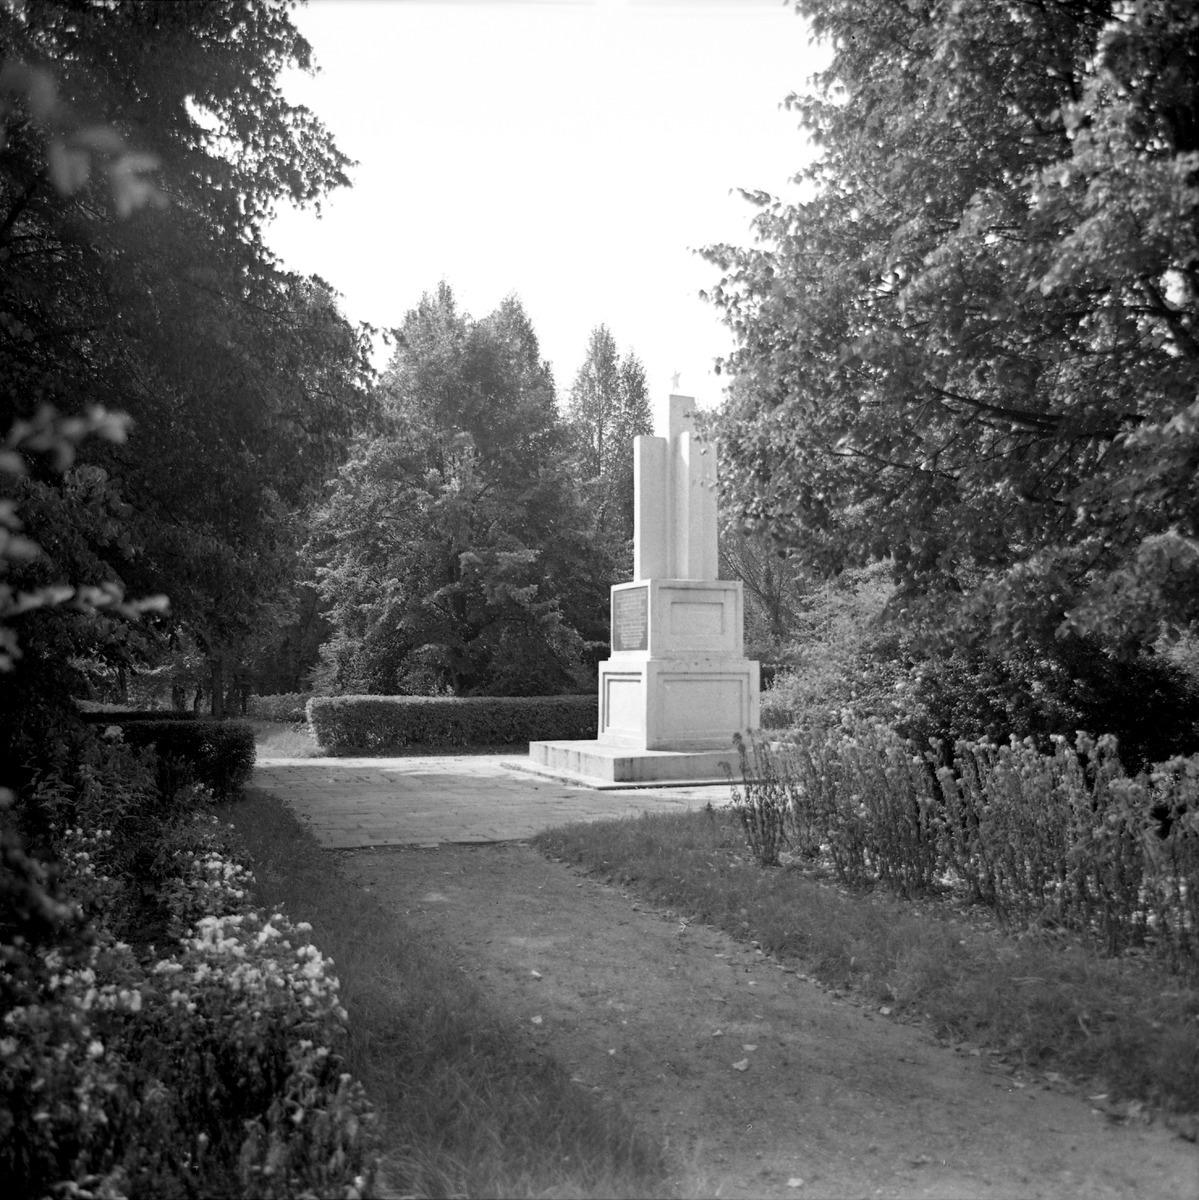 Cmentarz żołnierzy radzieckich, 1965 r.